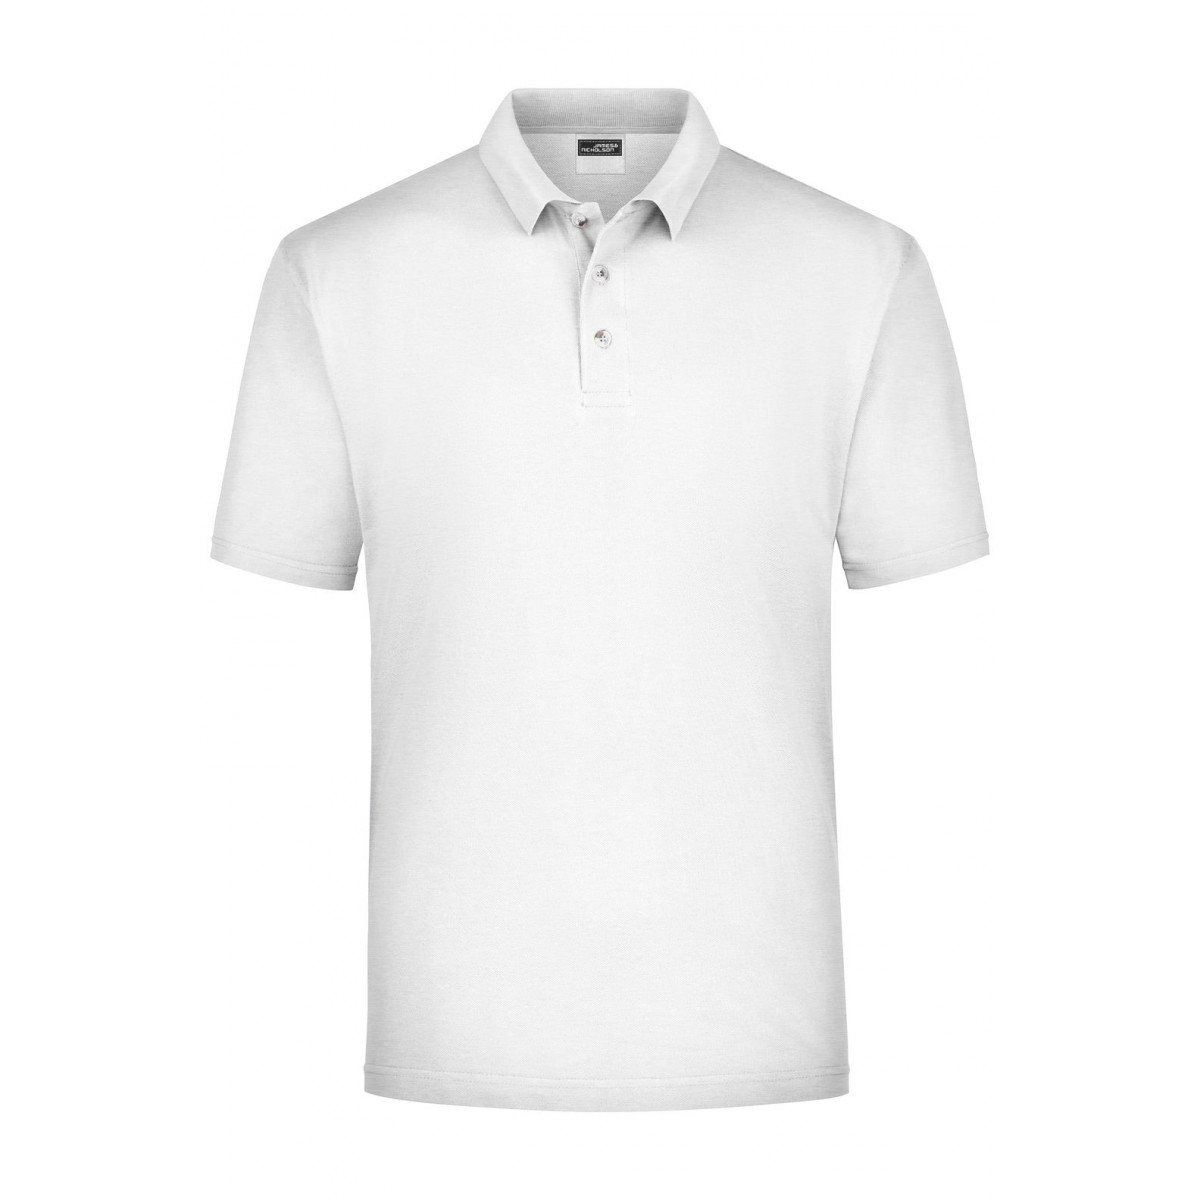 Рубашка поло мужская JN020 Polo Piqué Medium - Пепельный